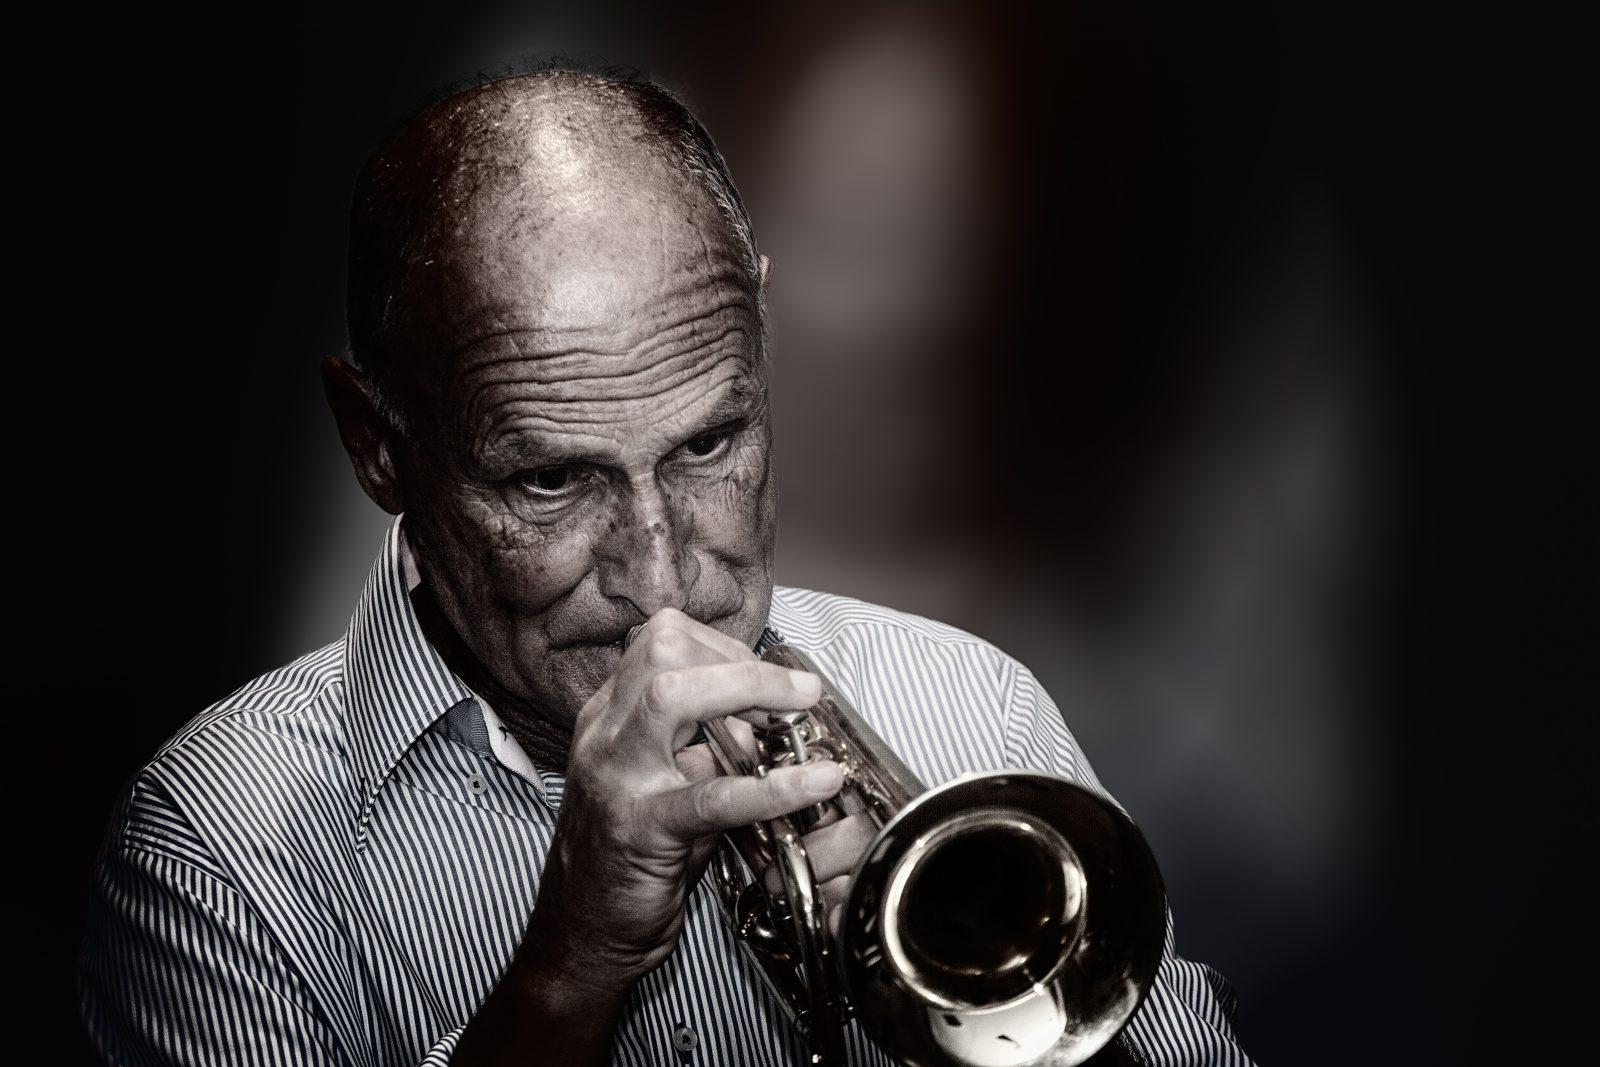 Sandlake-City-Jazzband-7934-bewerkt-2